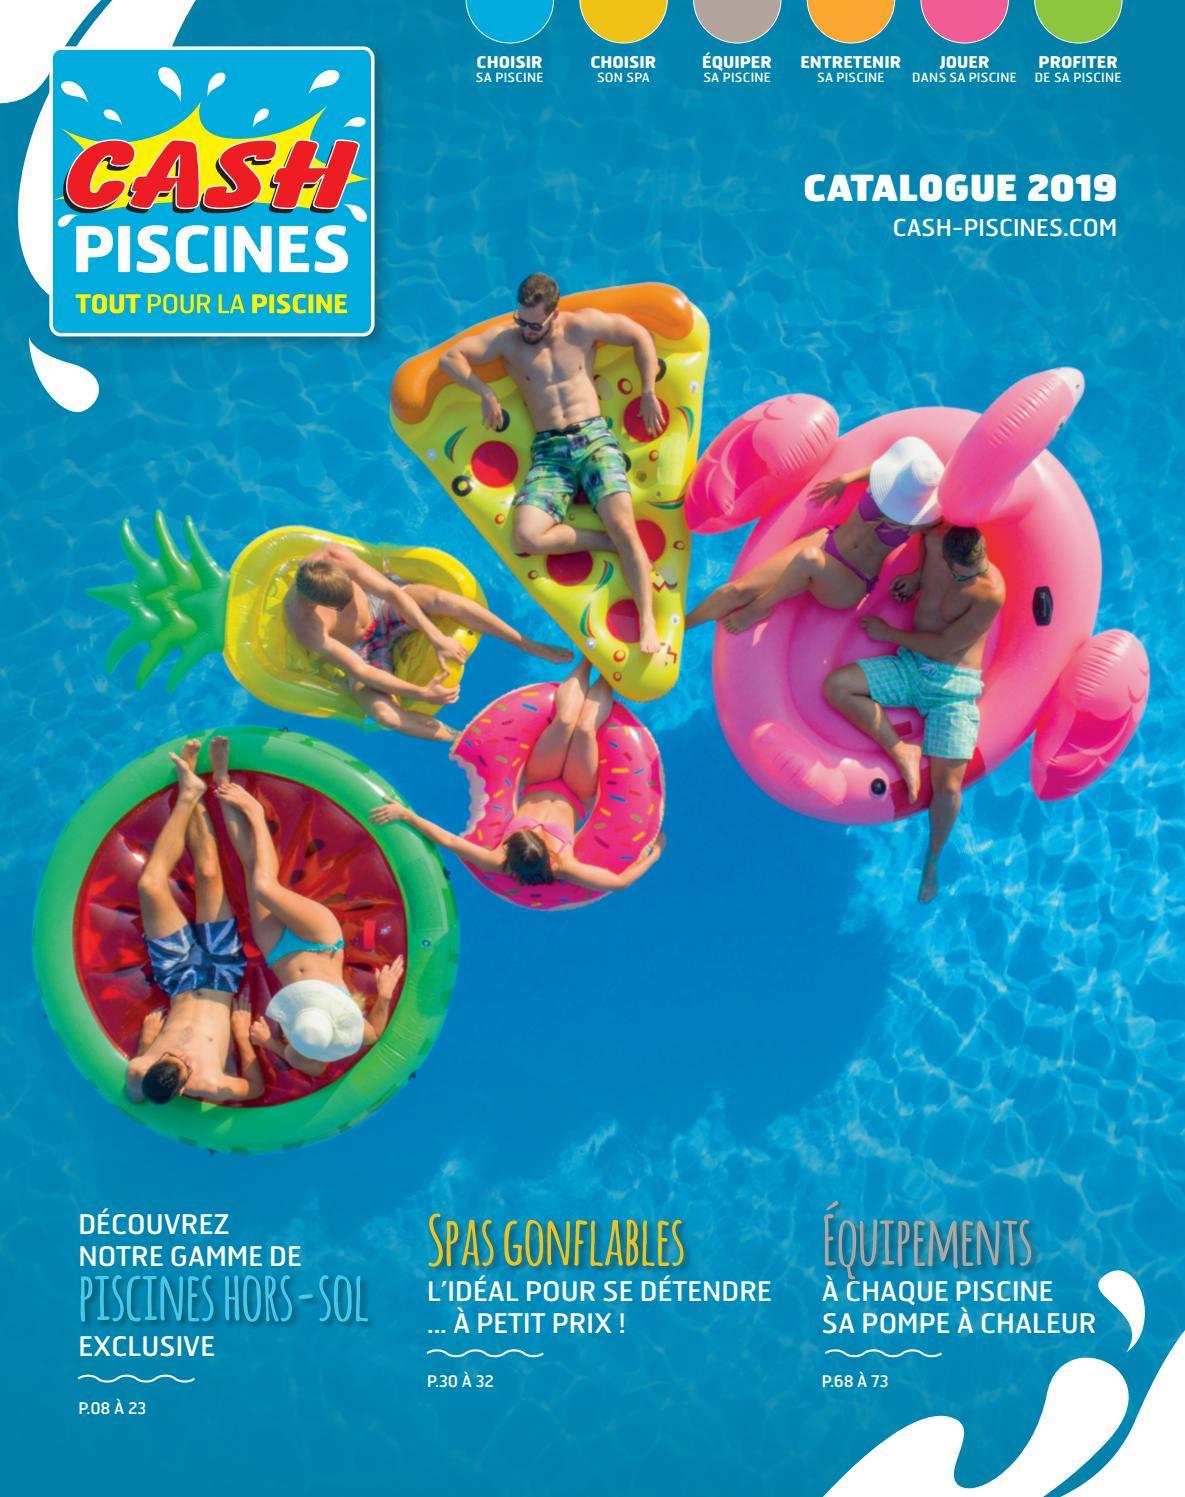 Catalogue Cash Piscines 2019 By Cashpiscines2 - Issuu pour Prix Piscine Desjoyaux 6X3